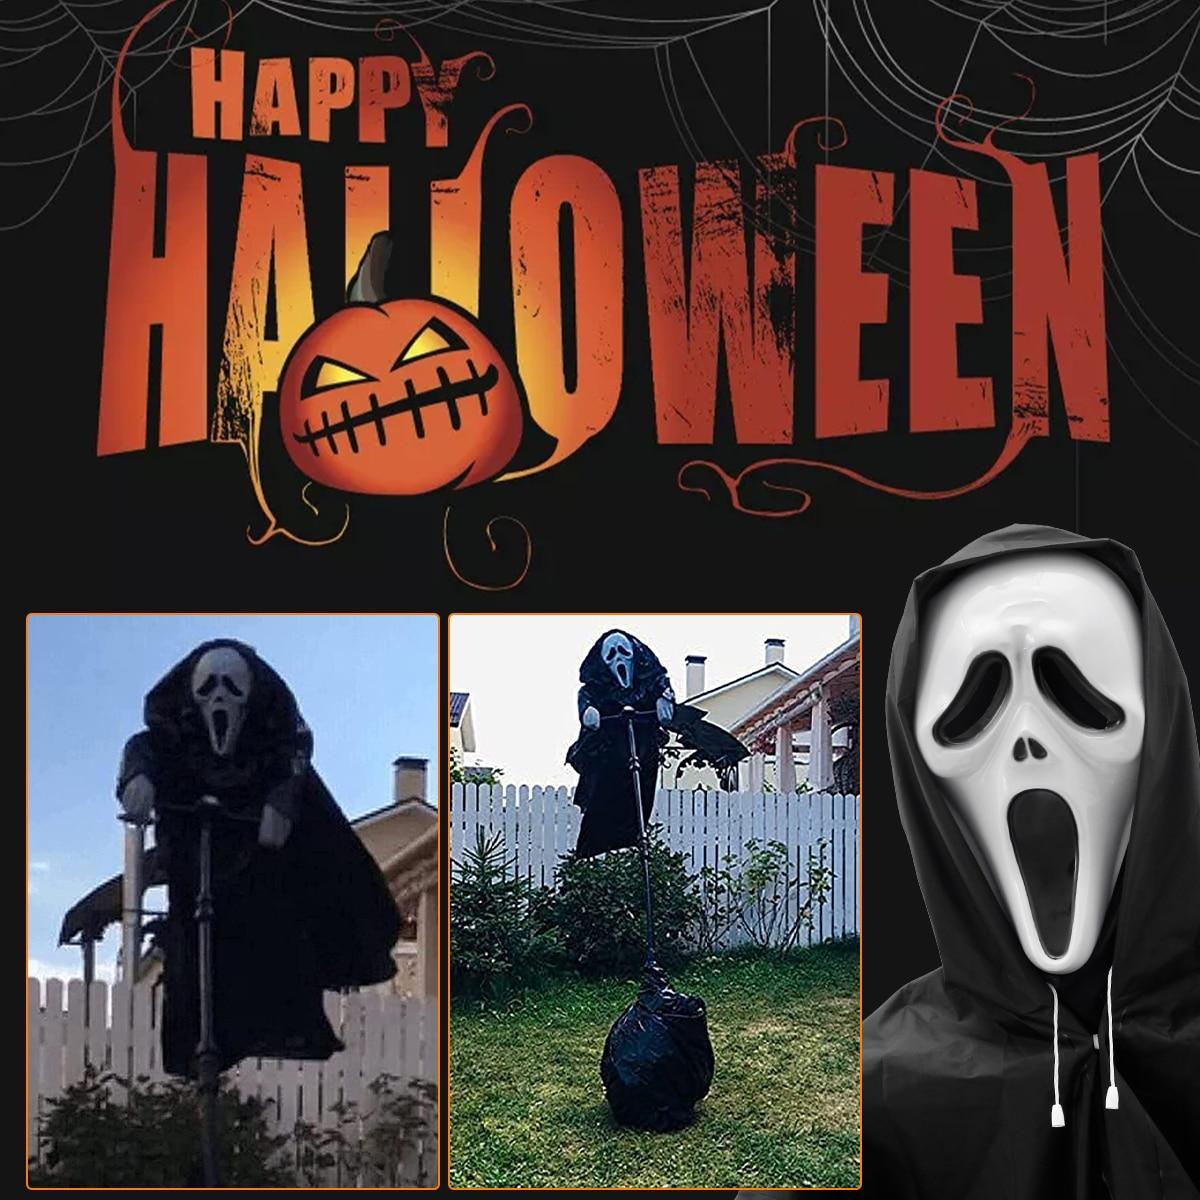 Halloween Decor Garden Ghostface Scarecrow Outside Hanging Scary Scream Scarecrow Decorations Ghost Bird Repeller Creative